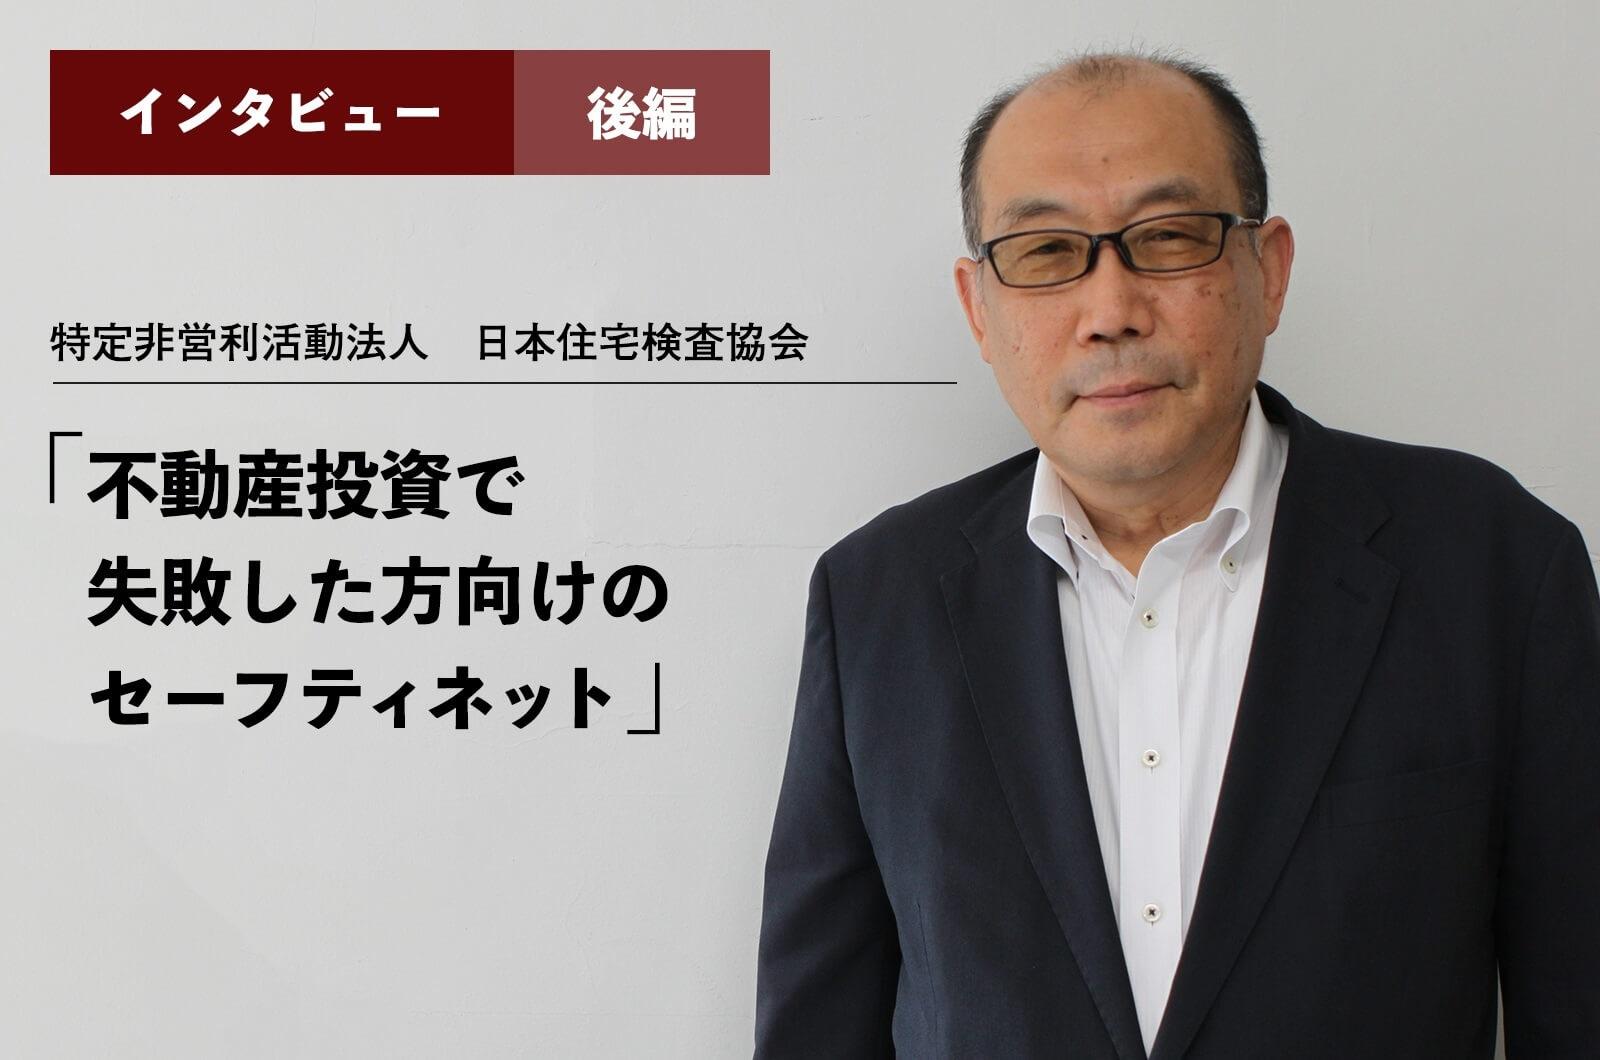 「情報弱者が損する業界の構造を変えたい」特別非営利活動法人日本住宅性能検査協会の代表インタビュー(後半)